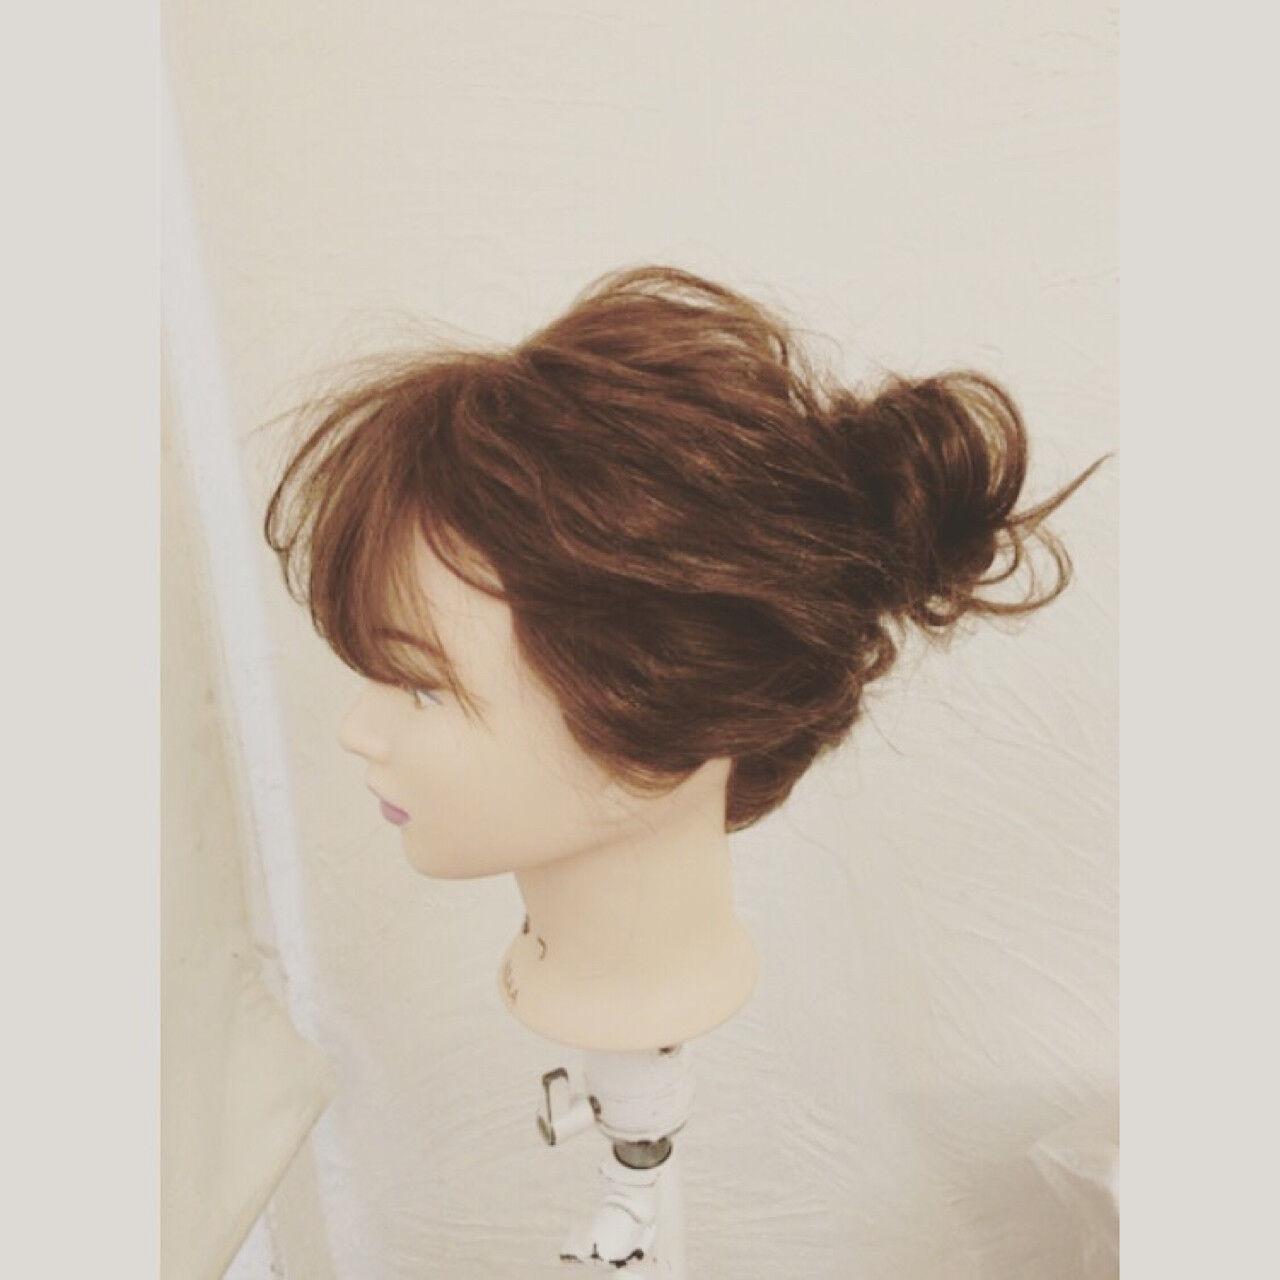 ゆるふわ ヘアアレンジ セミロング 簡単ヘアアレンジヘアスタイルや髪型の写真・画像